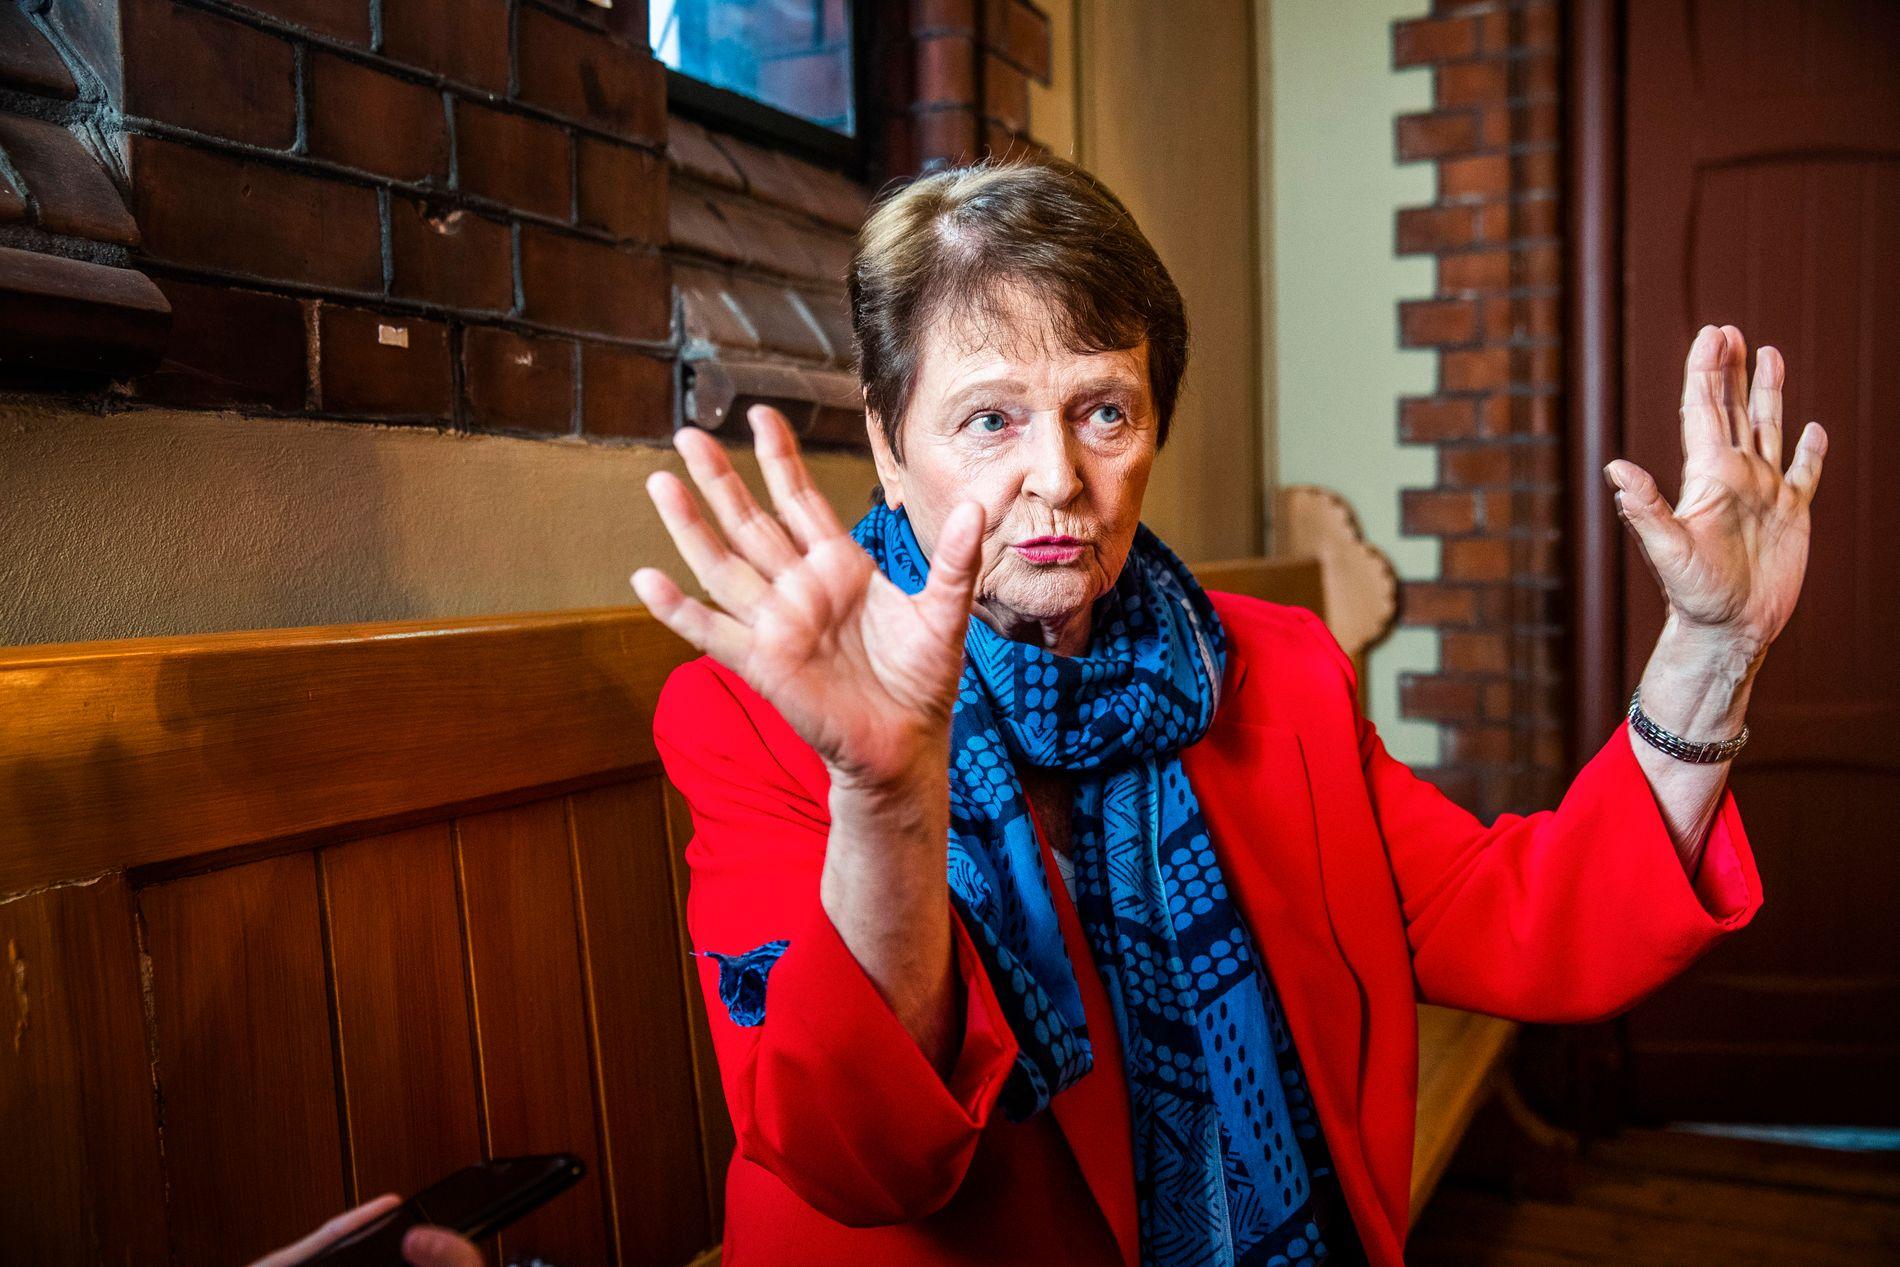 VALGKAMP-GRO: I følge et Ap-notat er det ønsket at Gro Harlem Brundtland skal skal bidra en rekke ganger i valgkampen. Her fra et intervju i forbindelse med 1. mai.